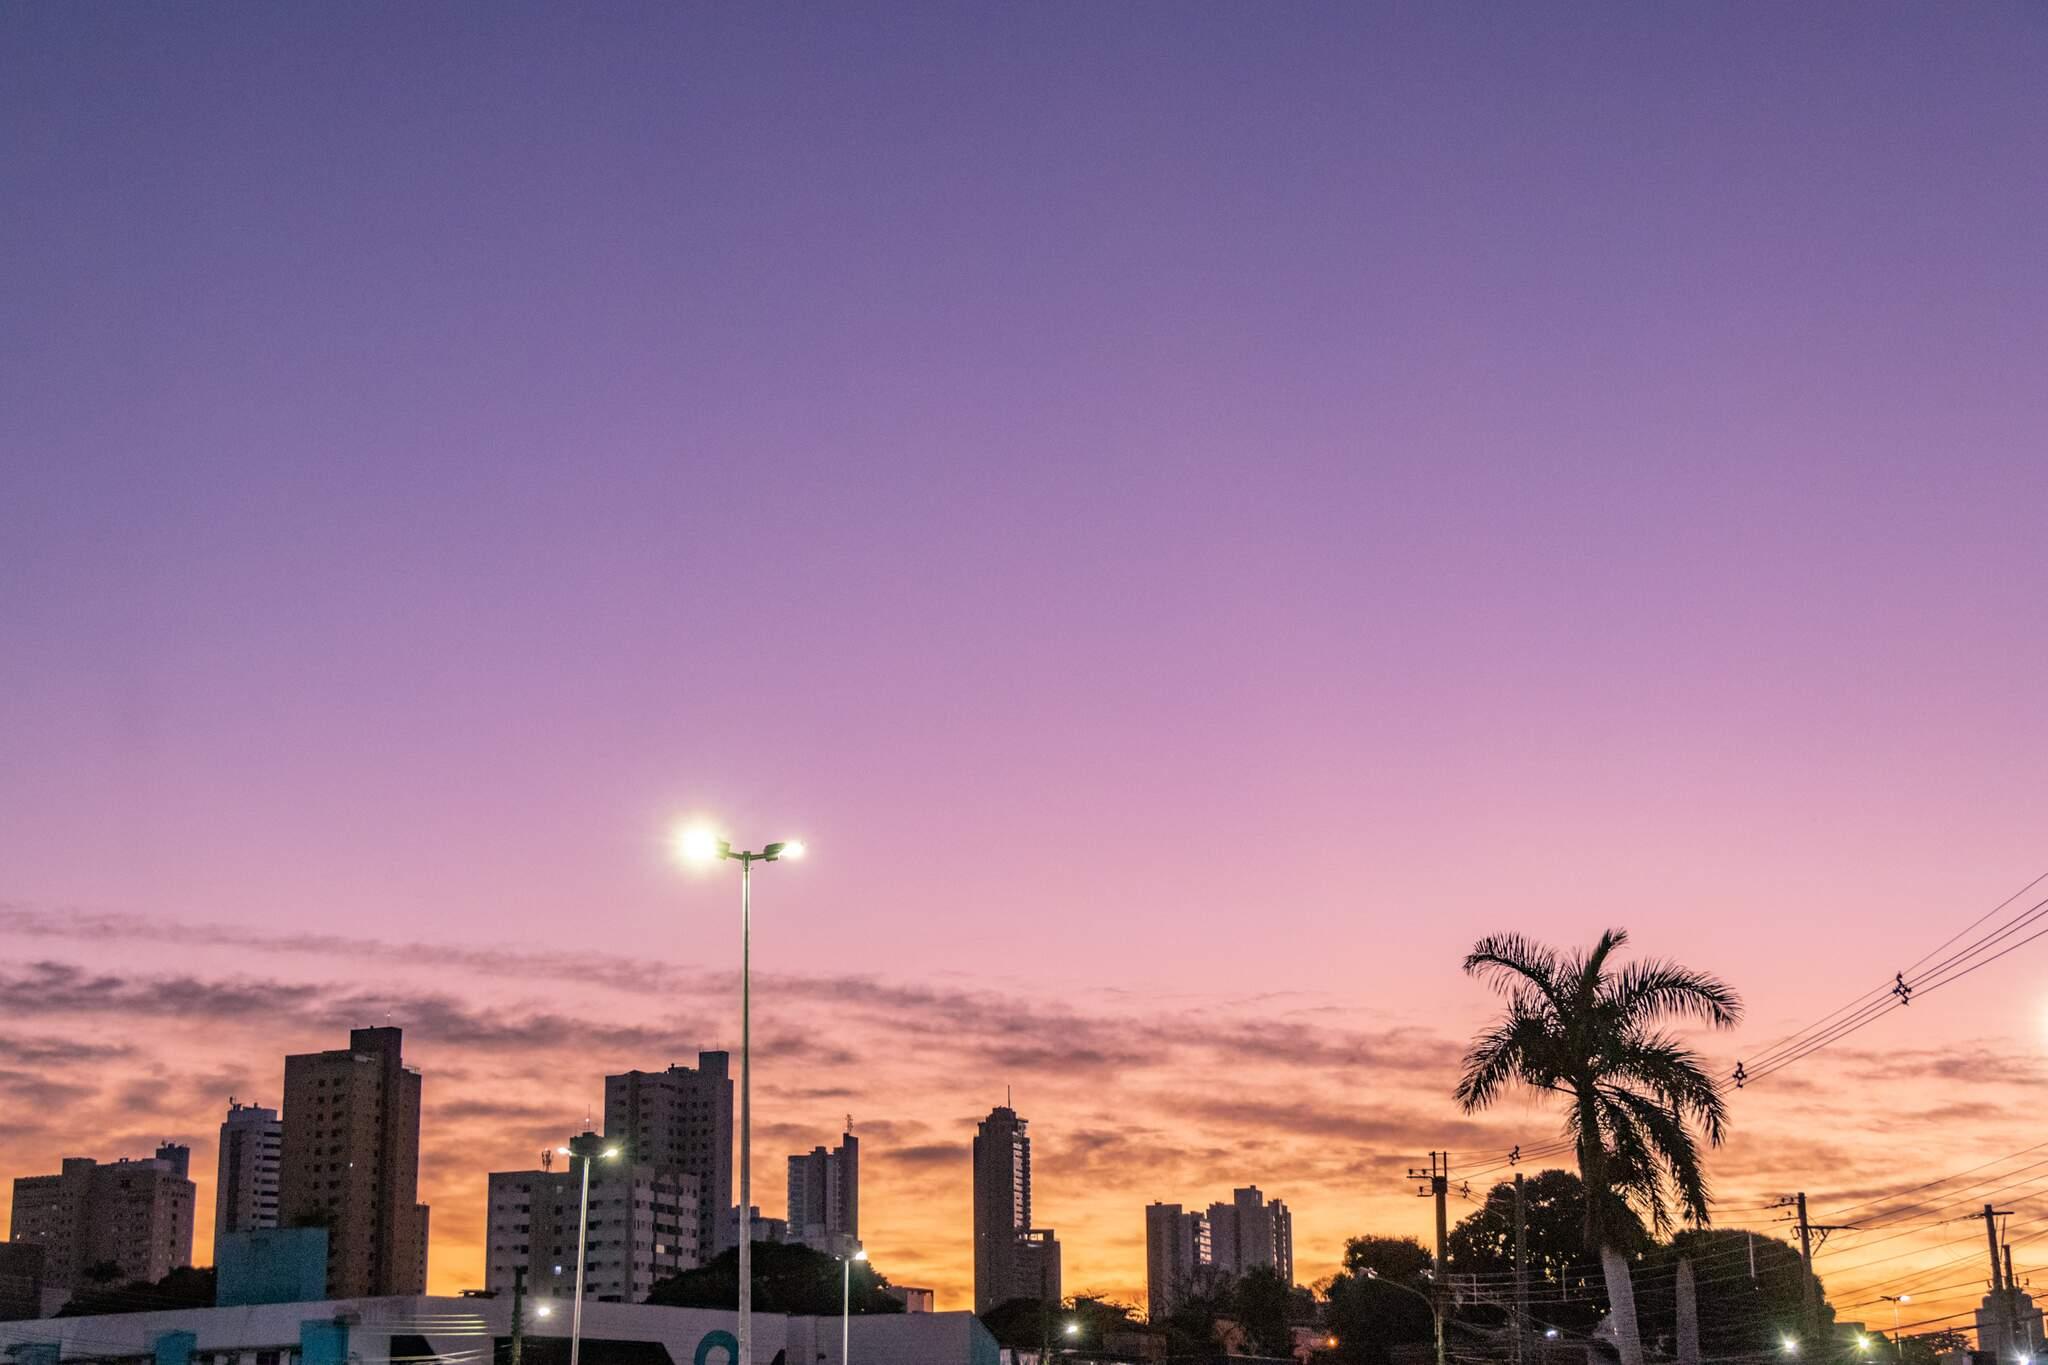 Céu rosado no início da manhã desta segunda-feira (13) em Campo Grande. (Foto: Henrique Kawaminami)